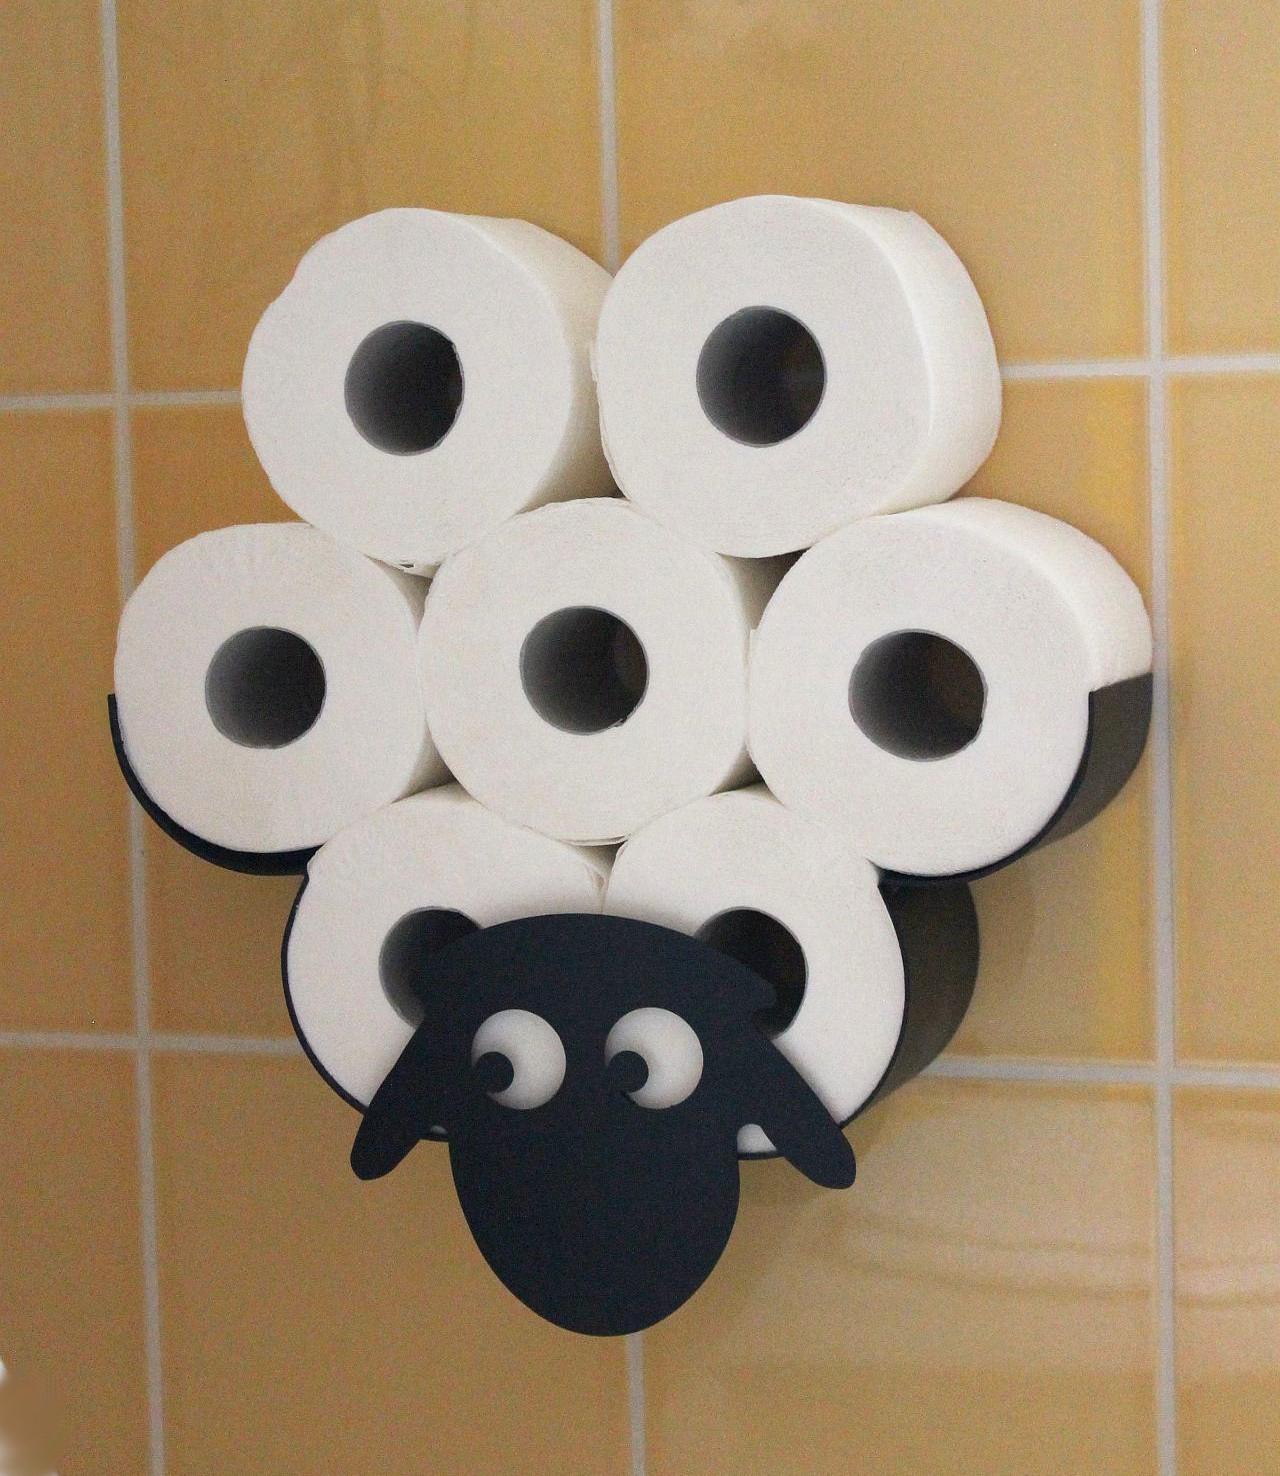 dandibo toilettenpapierhalter wandmontage schwarz metall schaf wc ersatzrollenhalter